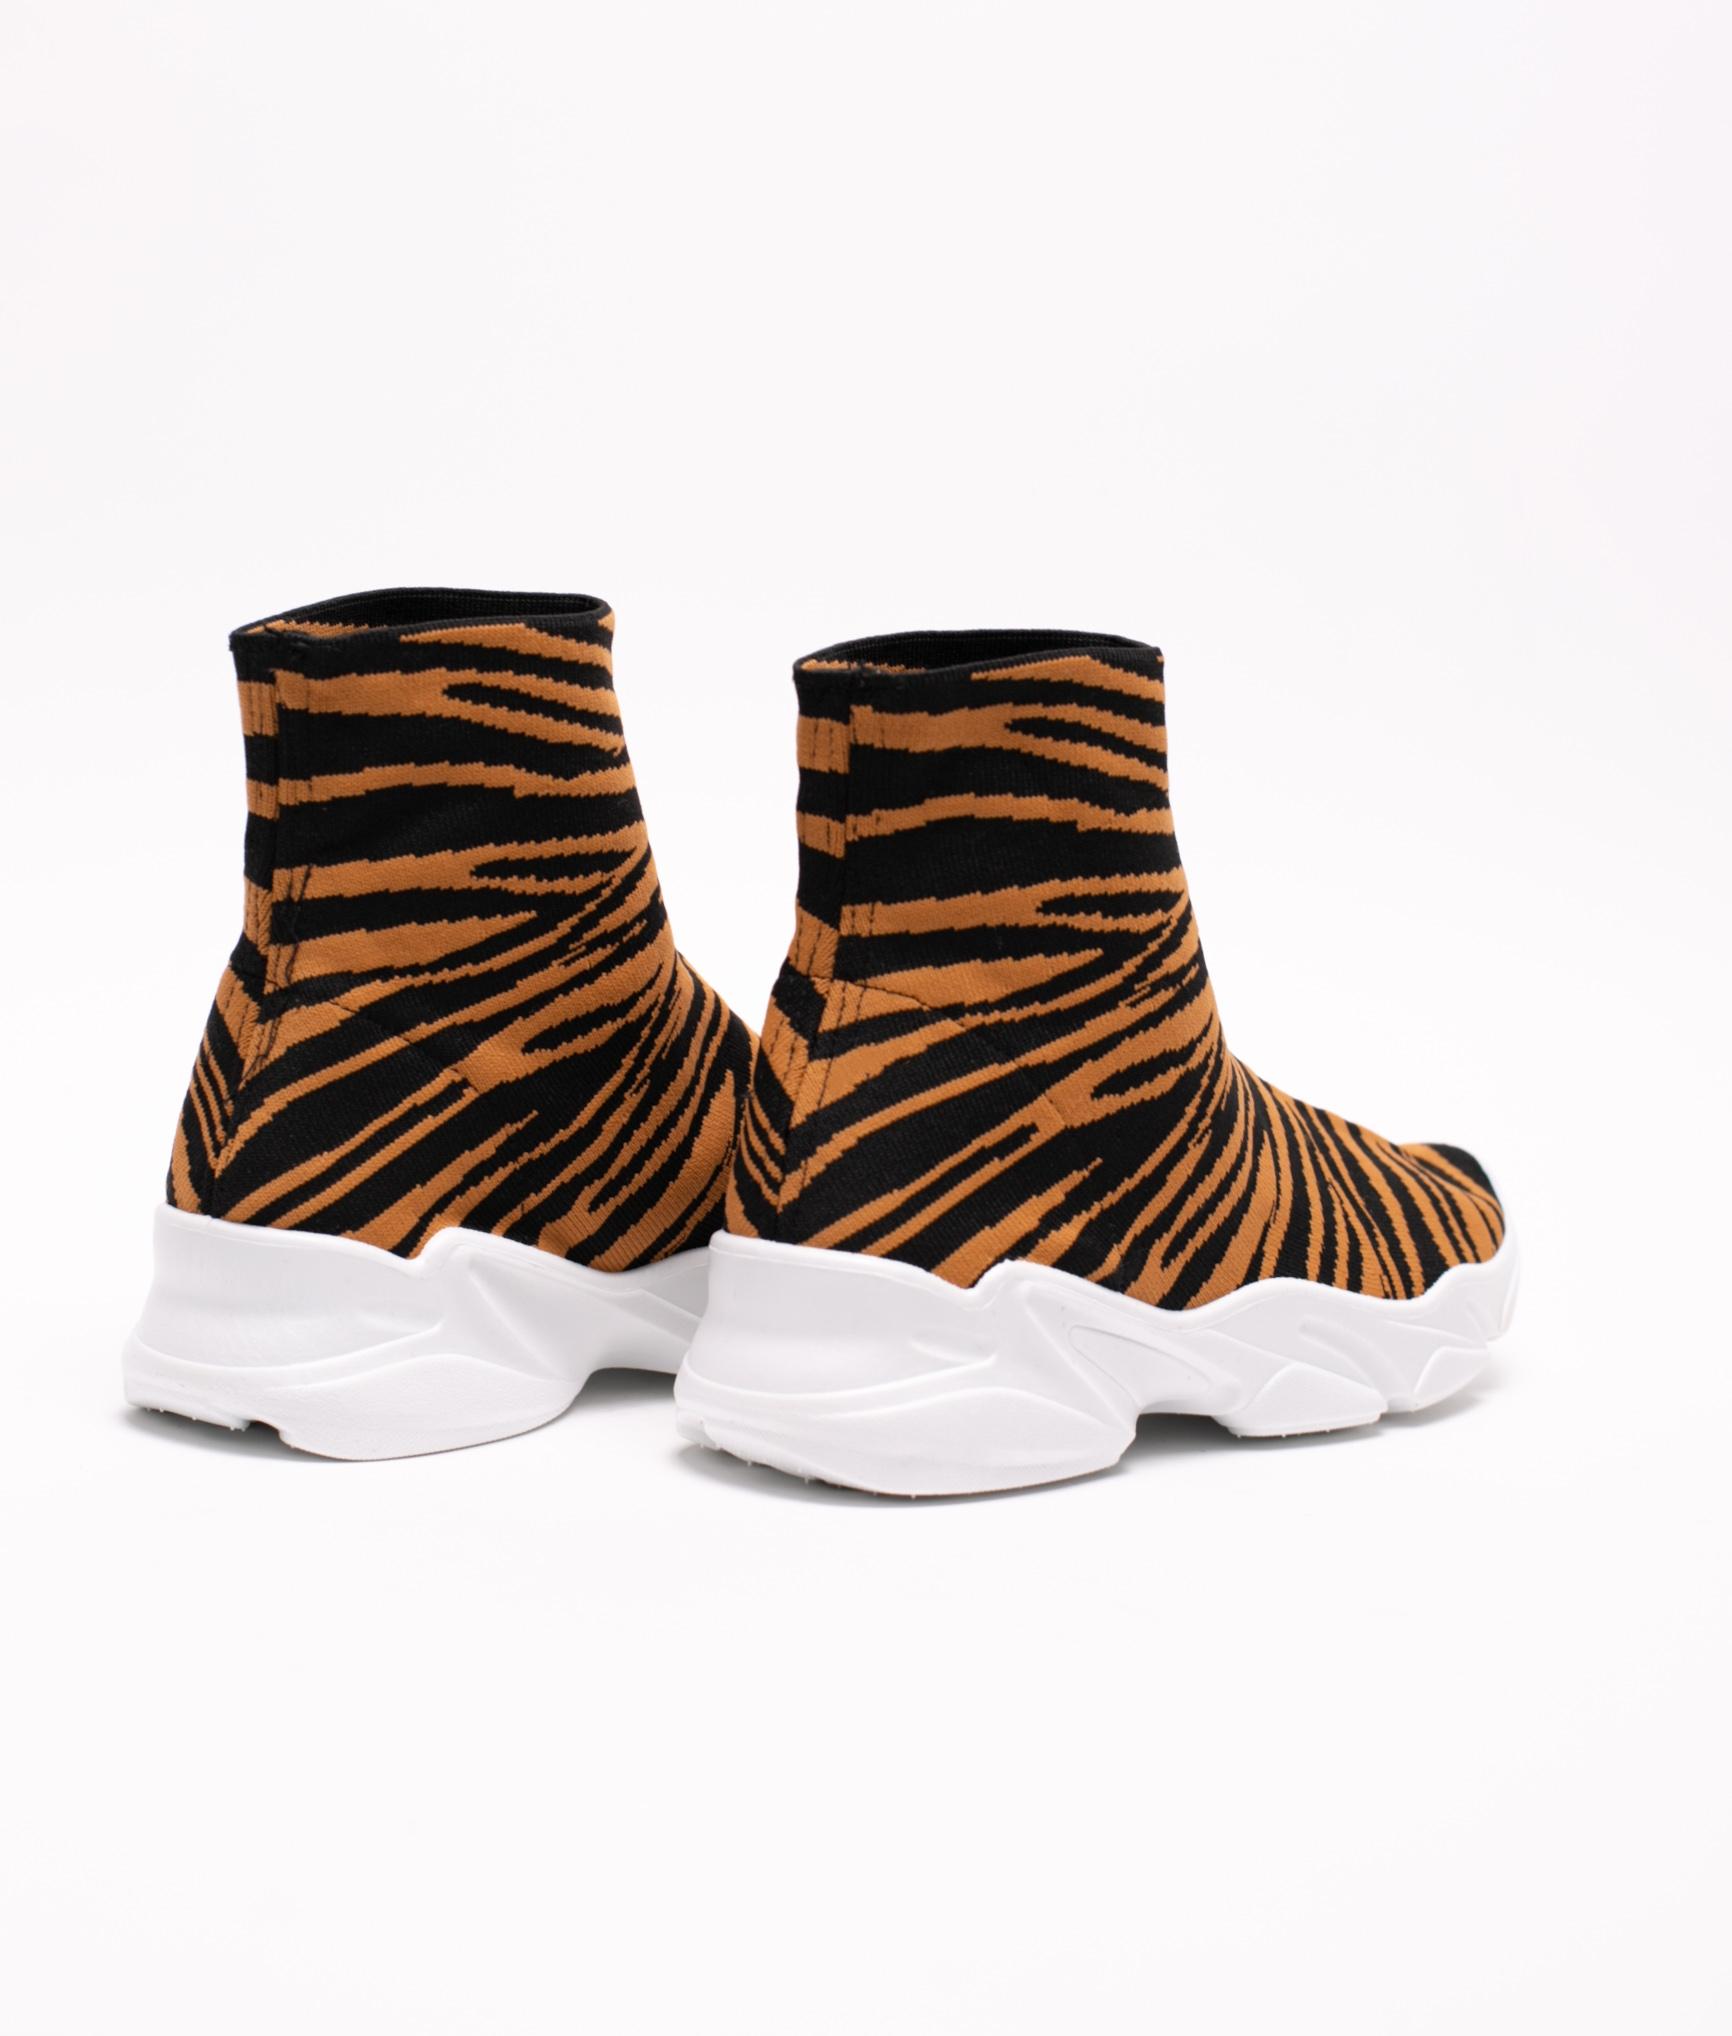 Sneakers Landi - Chameau